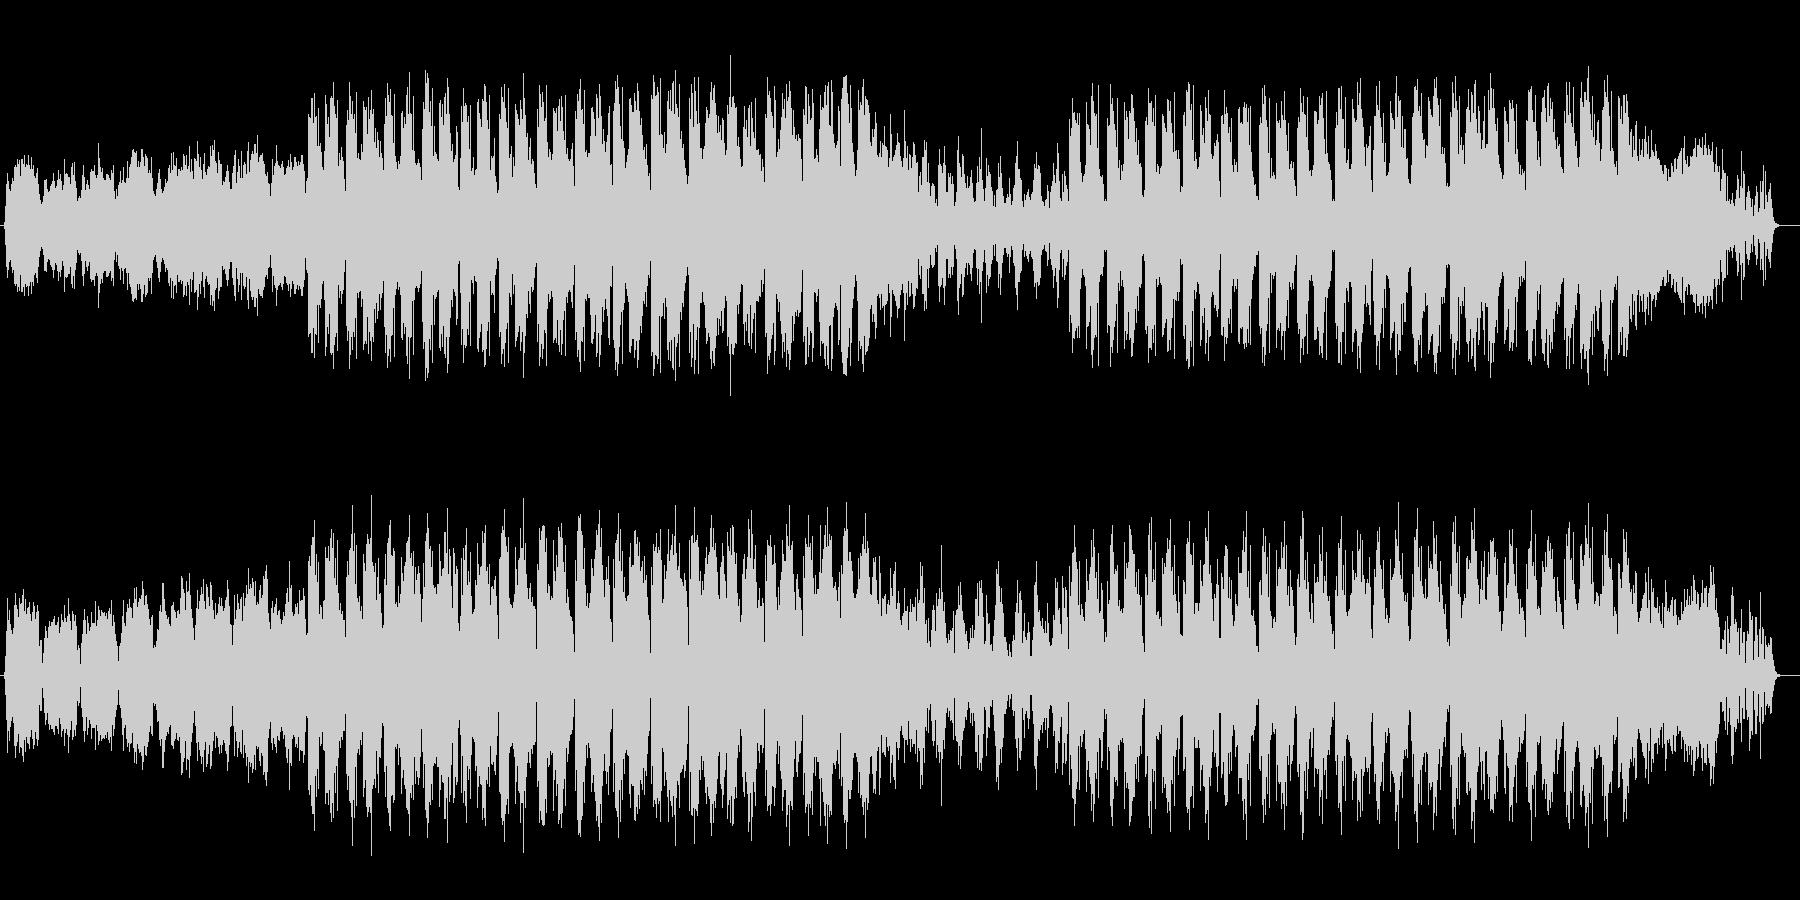 シンセサイザーの流れるようなサウンドの未再生の波形